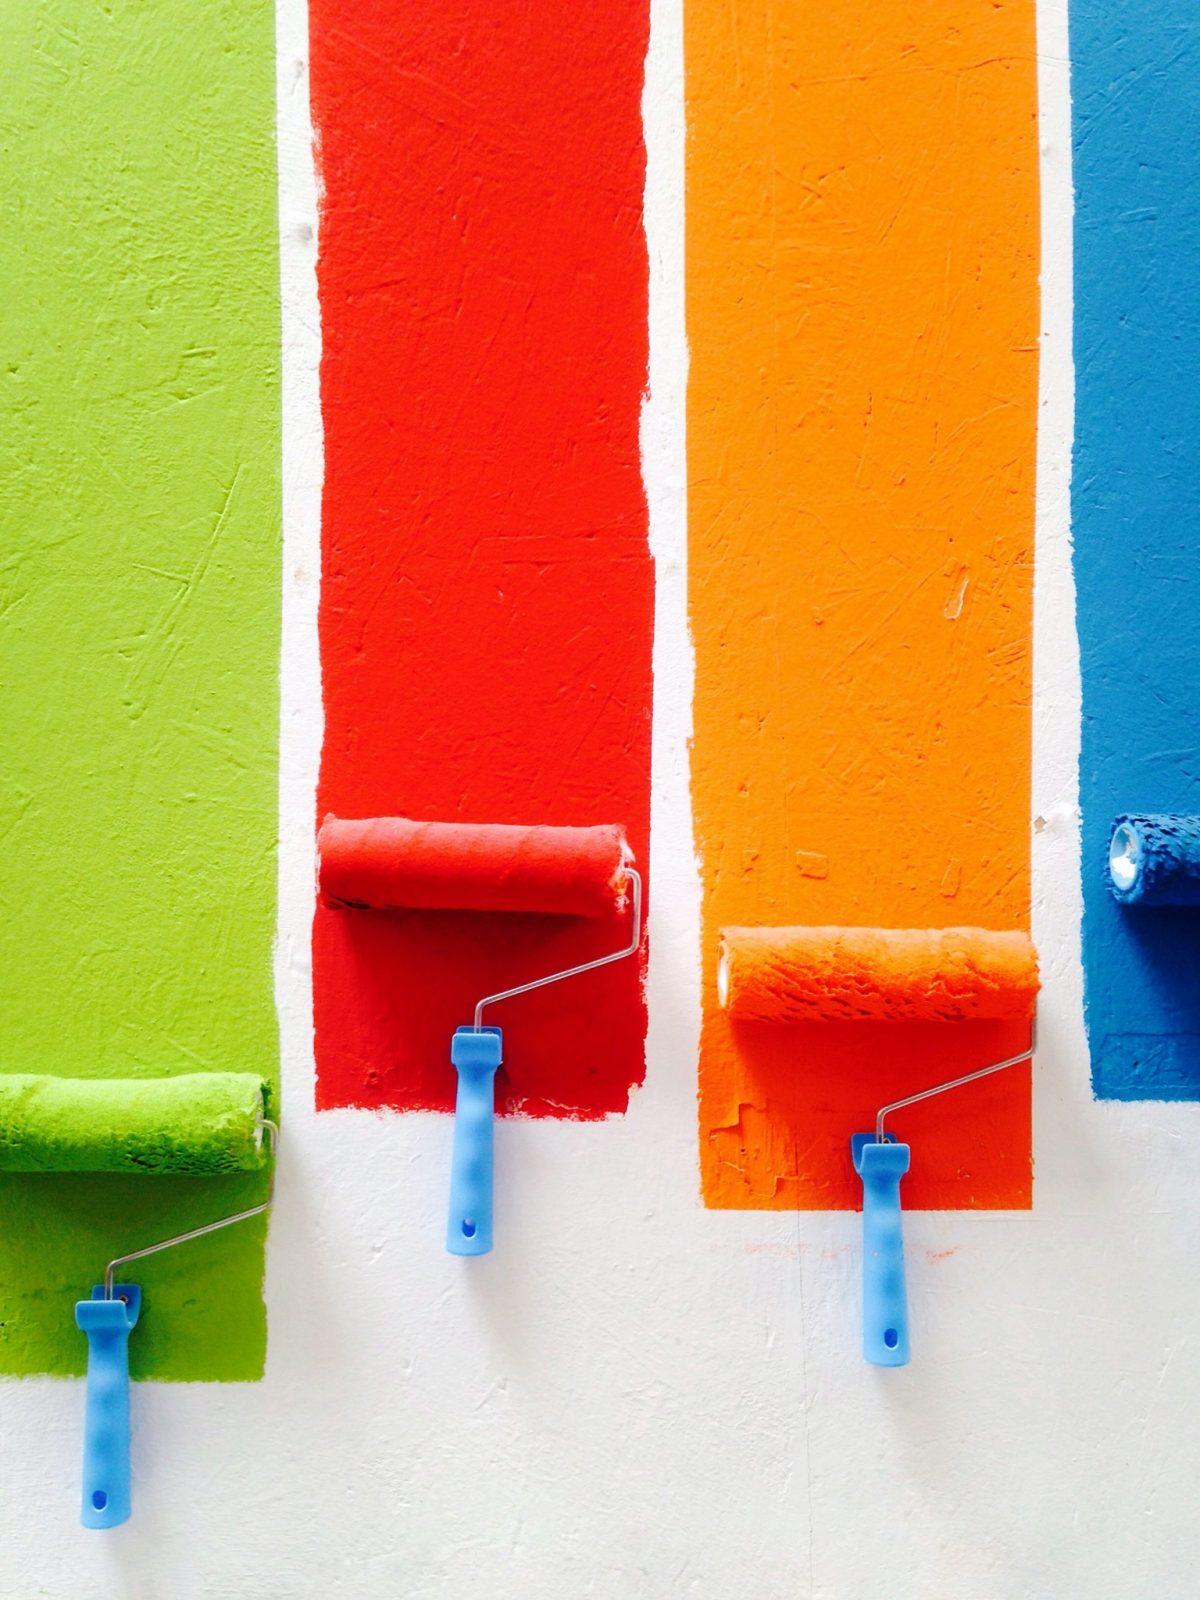 couleur différente sur le mur